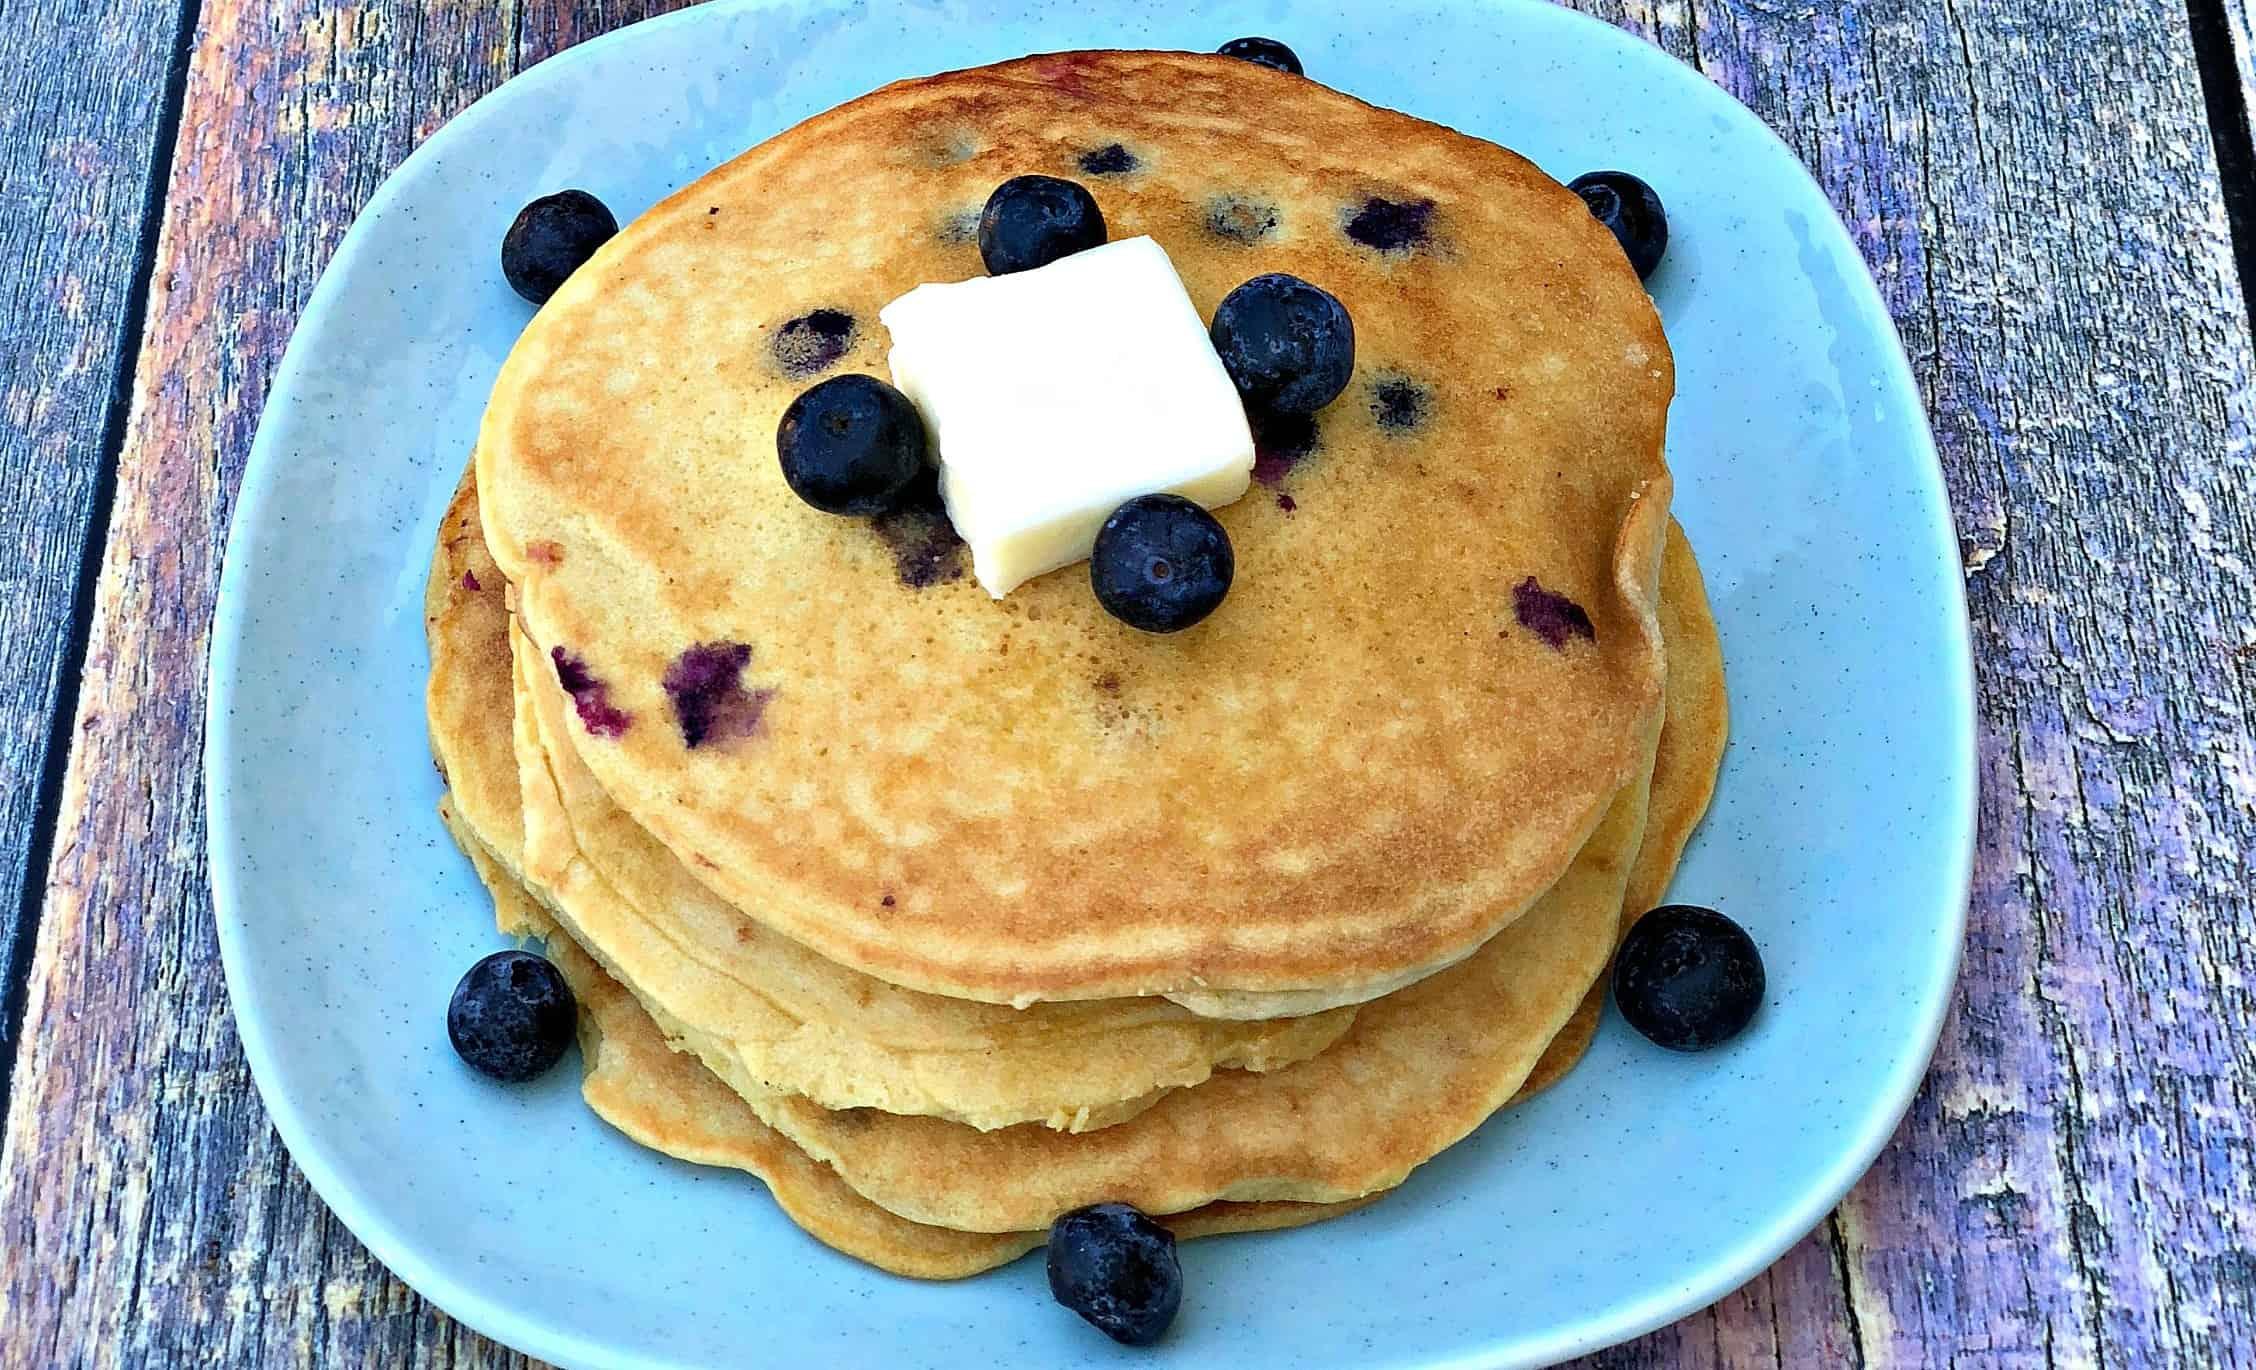 Paleo Gluten-Free Grain-Free Blueberry Pancakes